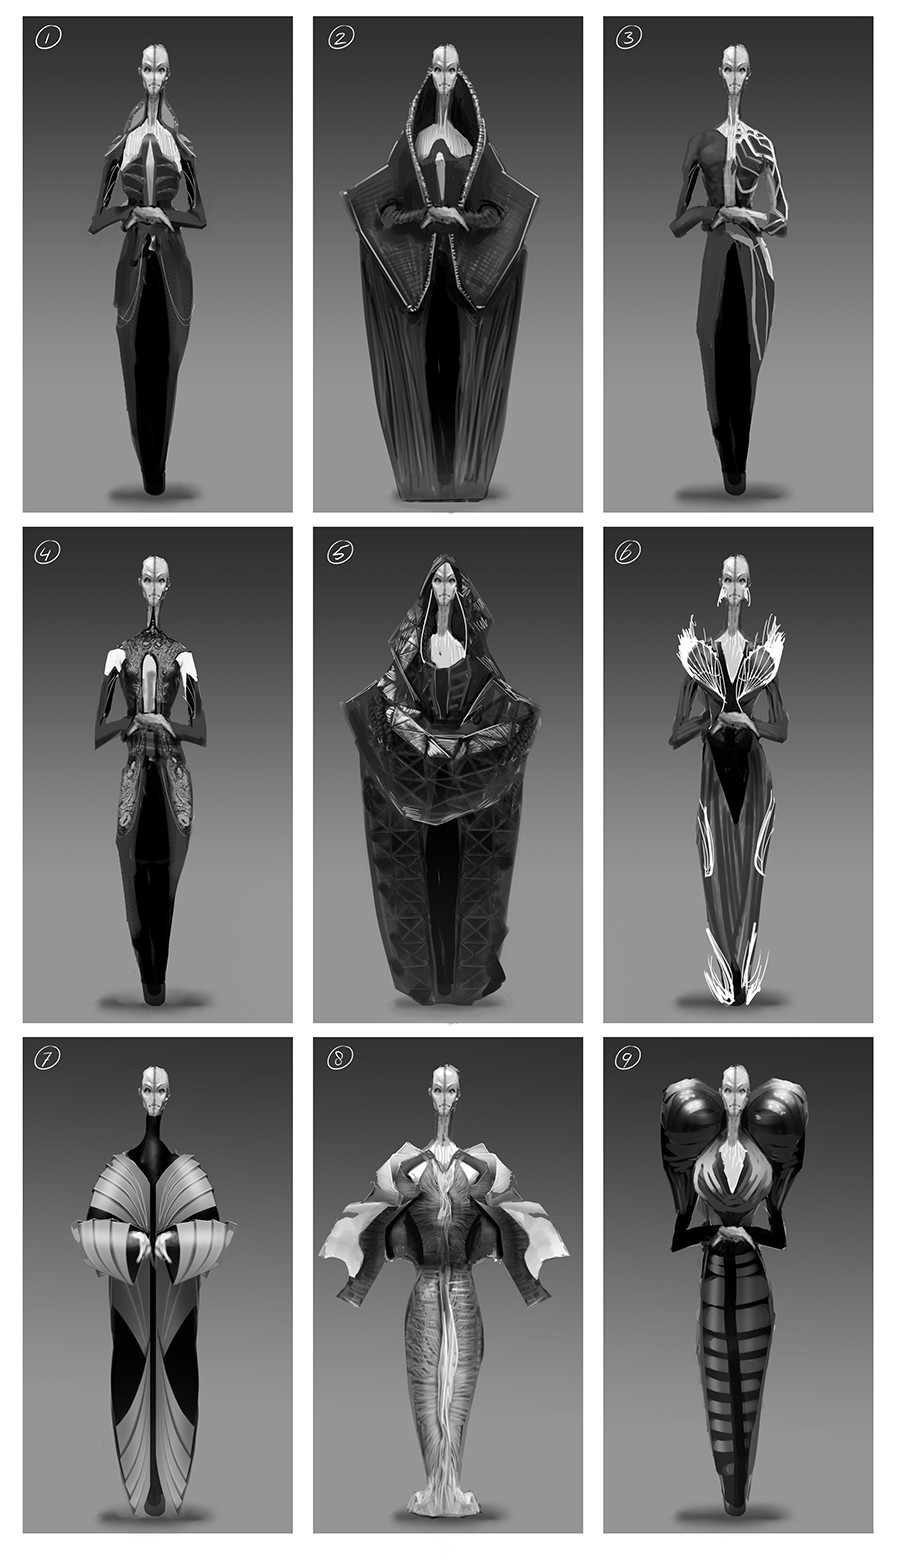 Chris leenheer alien design sketch 02